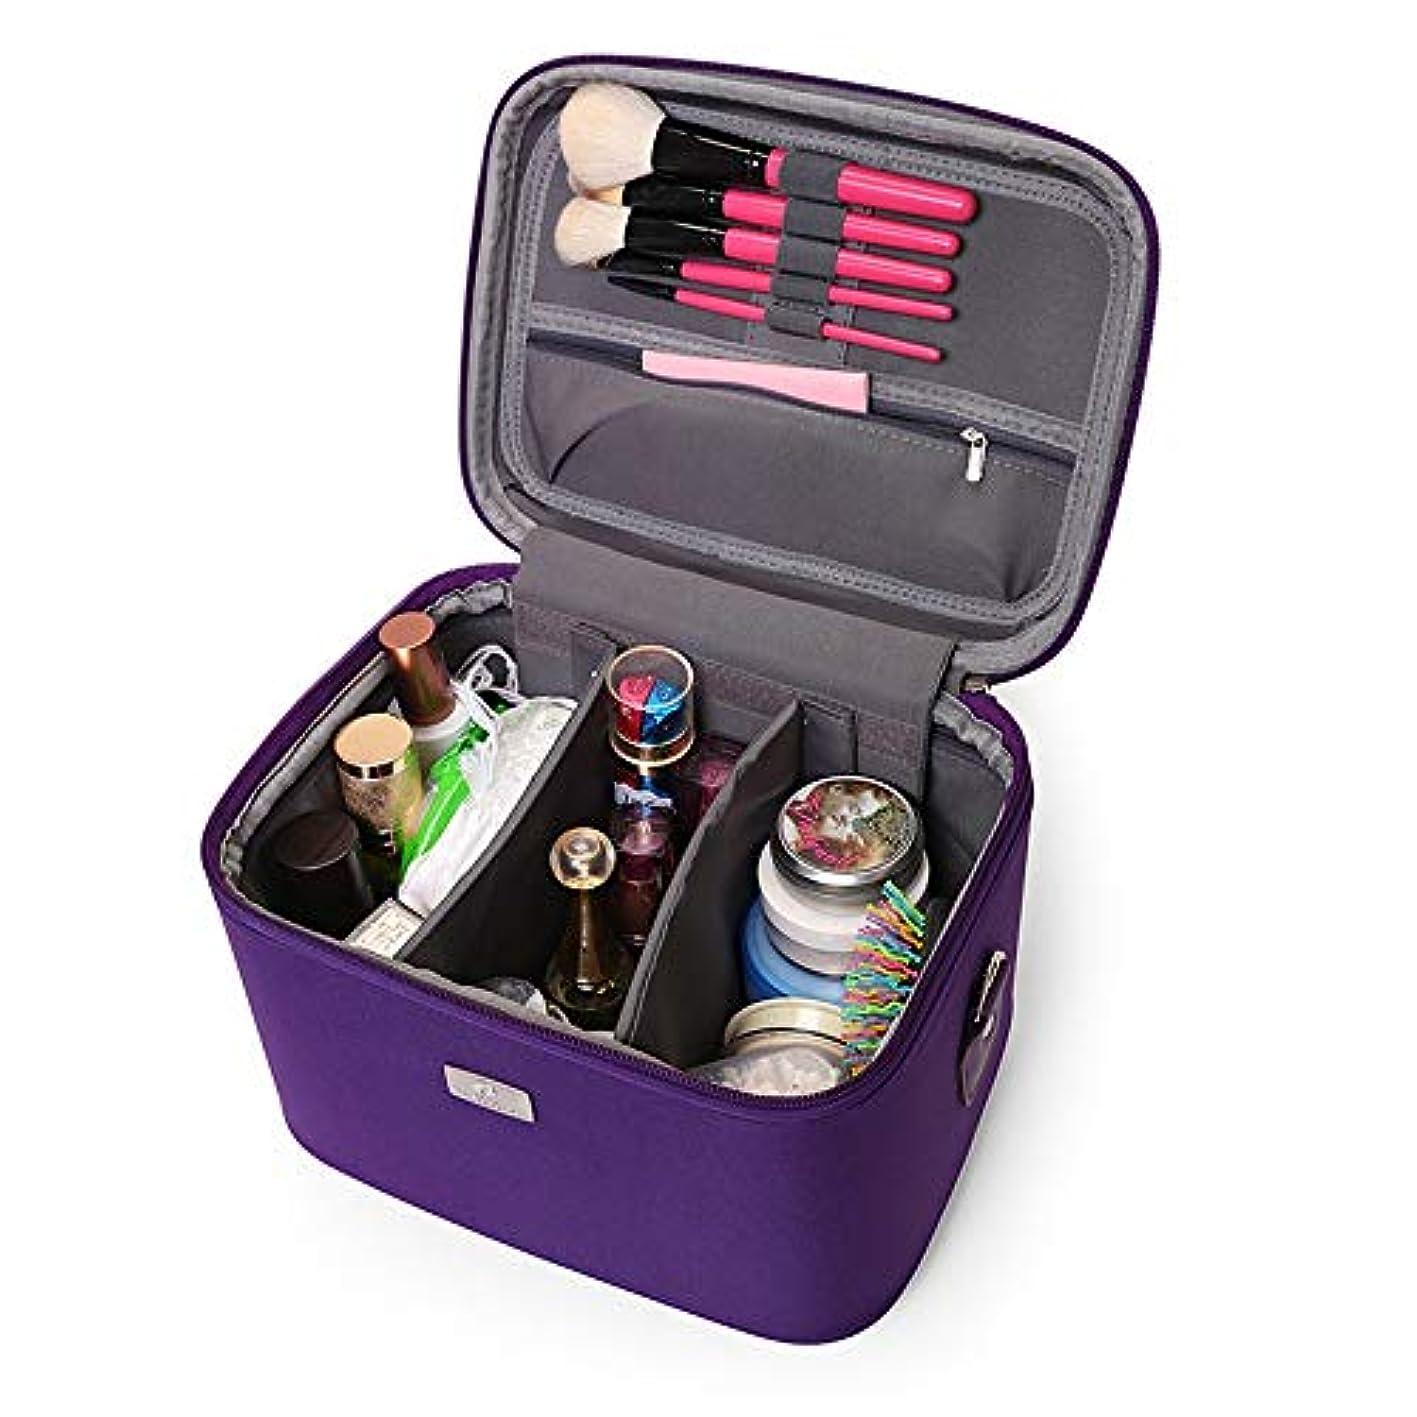 前任者ダイエット水星化粧オーガナイザーバッグ 14インチのメイクアップトラベルバッグPUレター防水化粧ケースのティーン女の子の女性アーティスト 化粧品ケース (色 : 紫の)